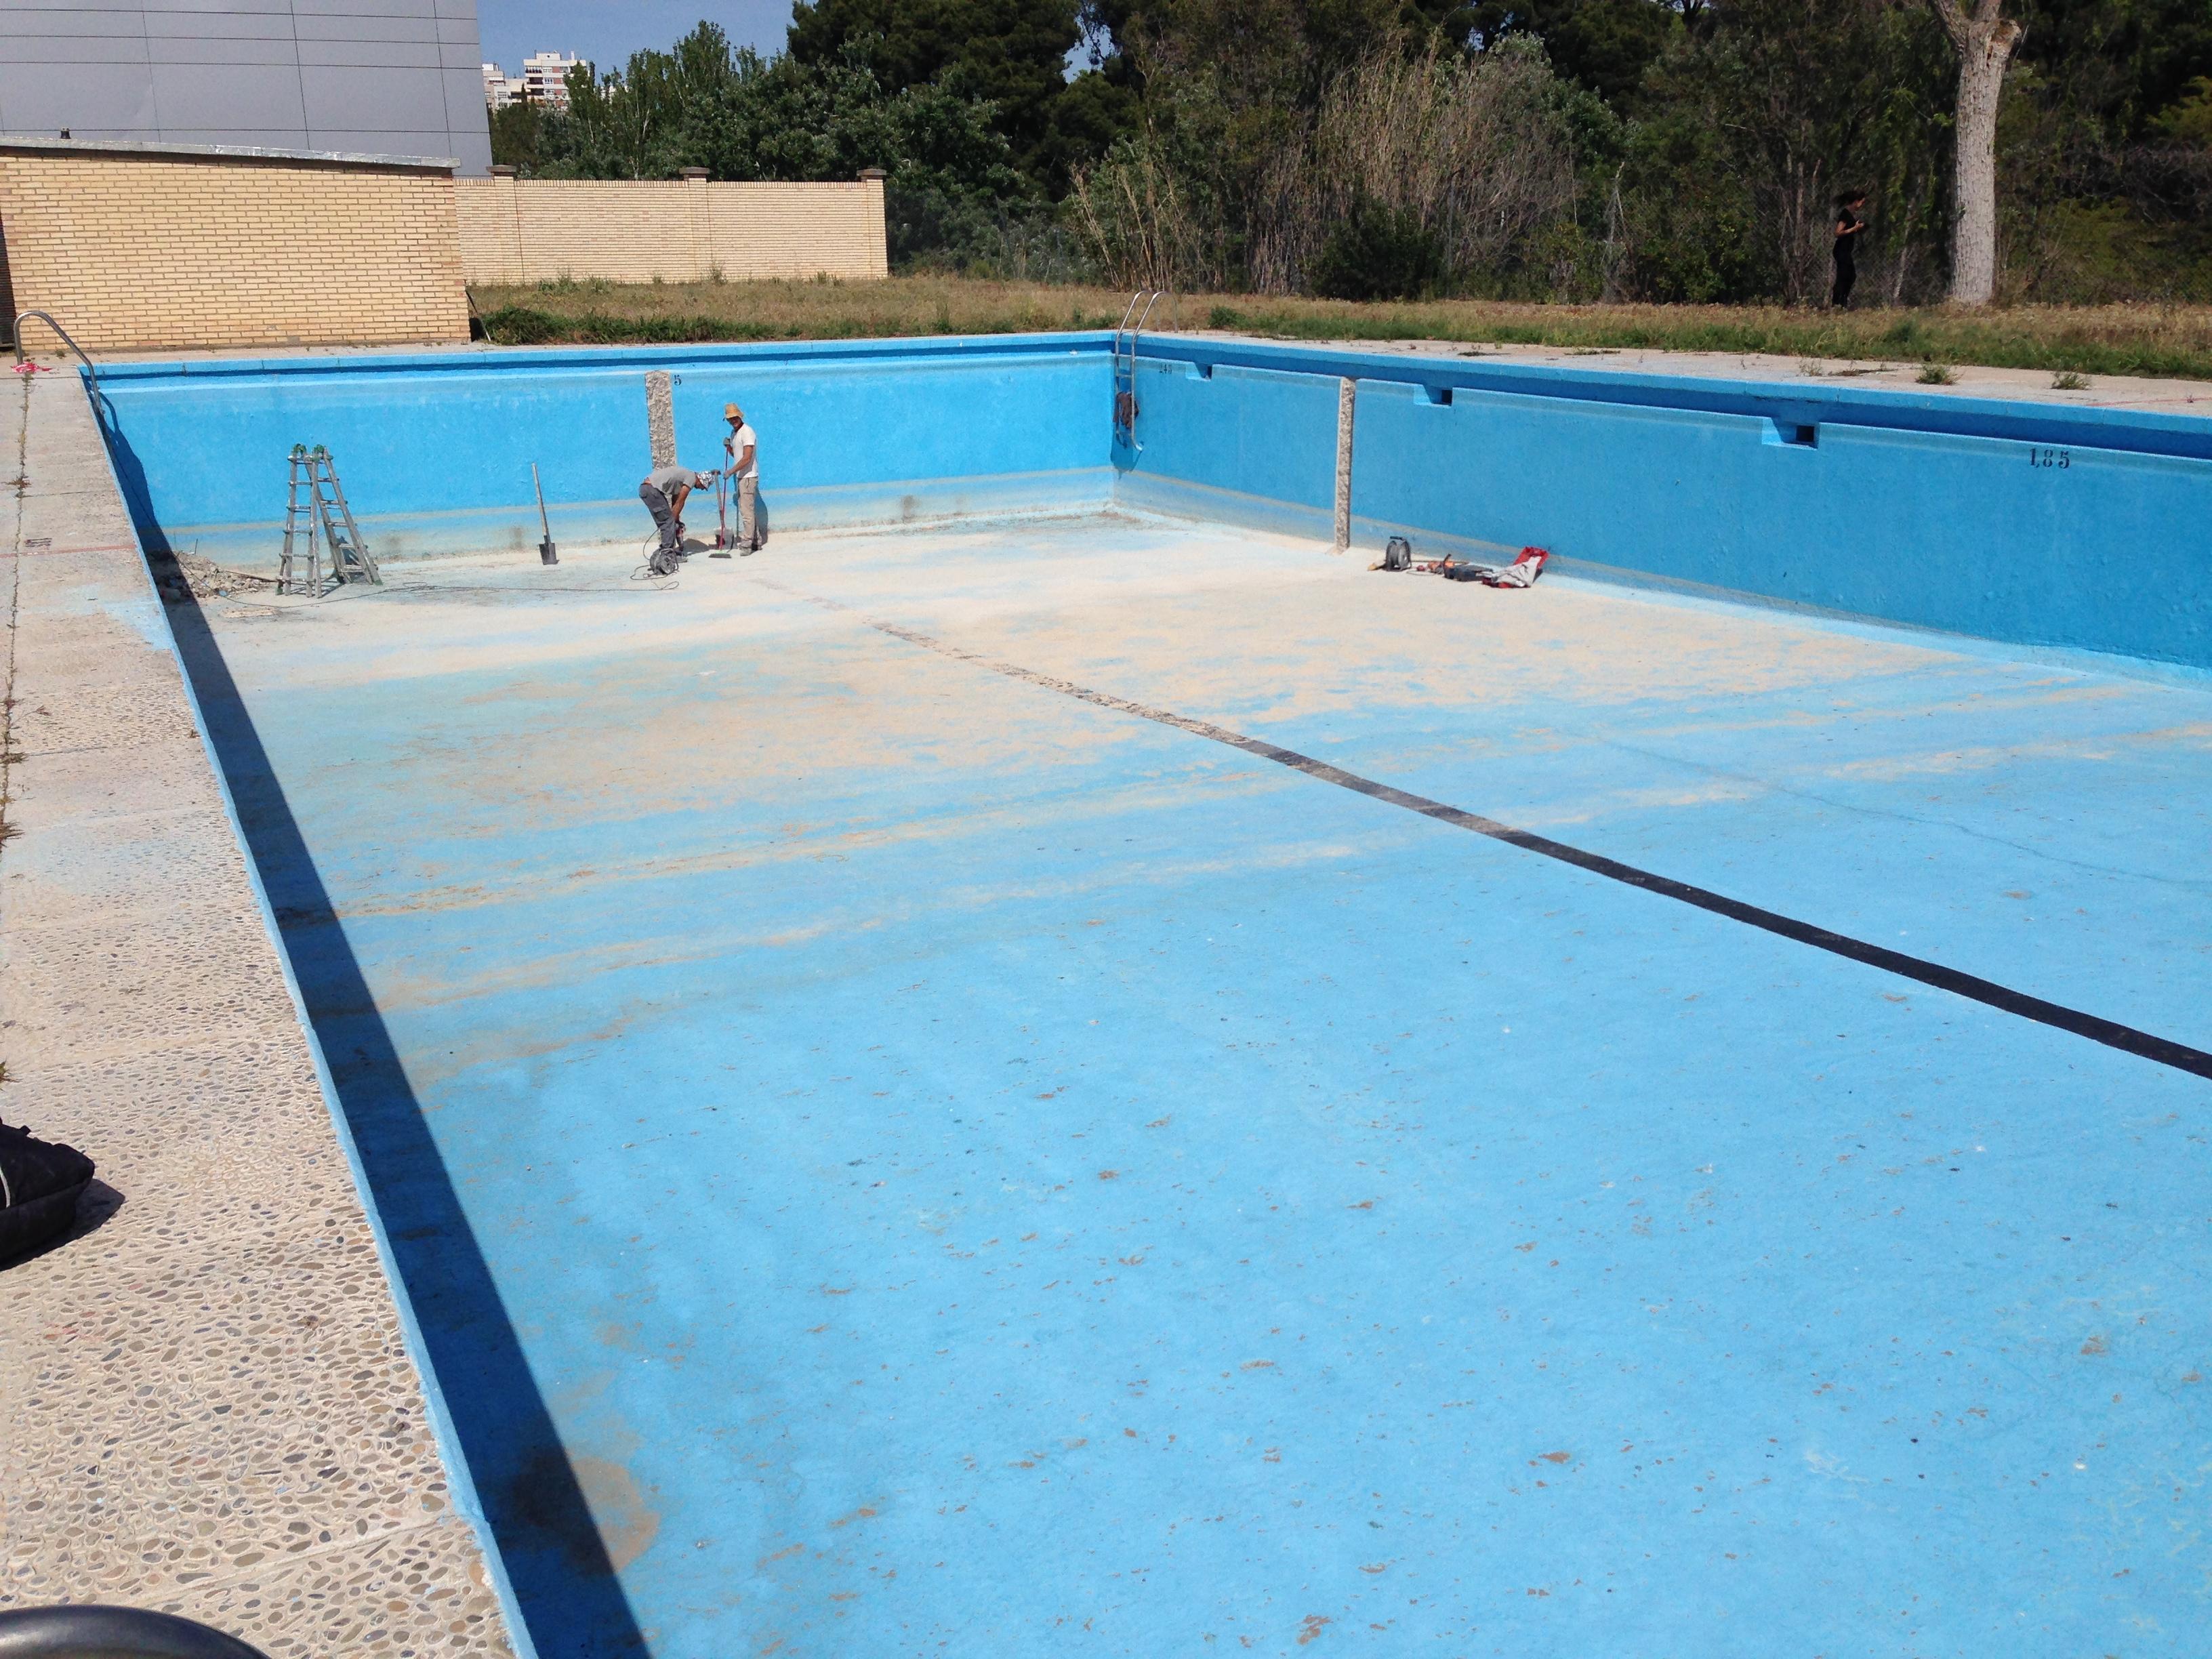 reforma-de-piscina-en-centro-deportivo_713321